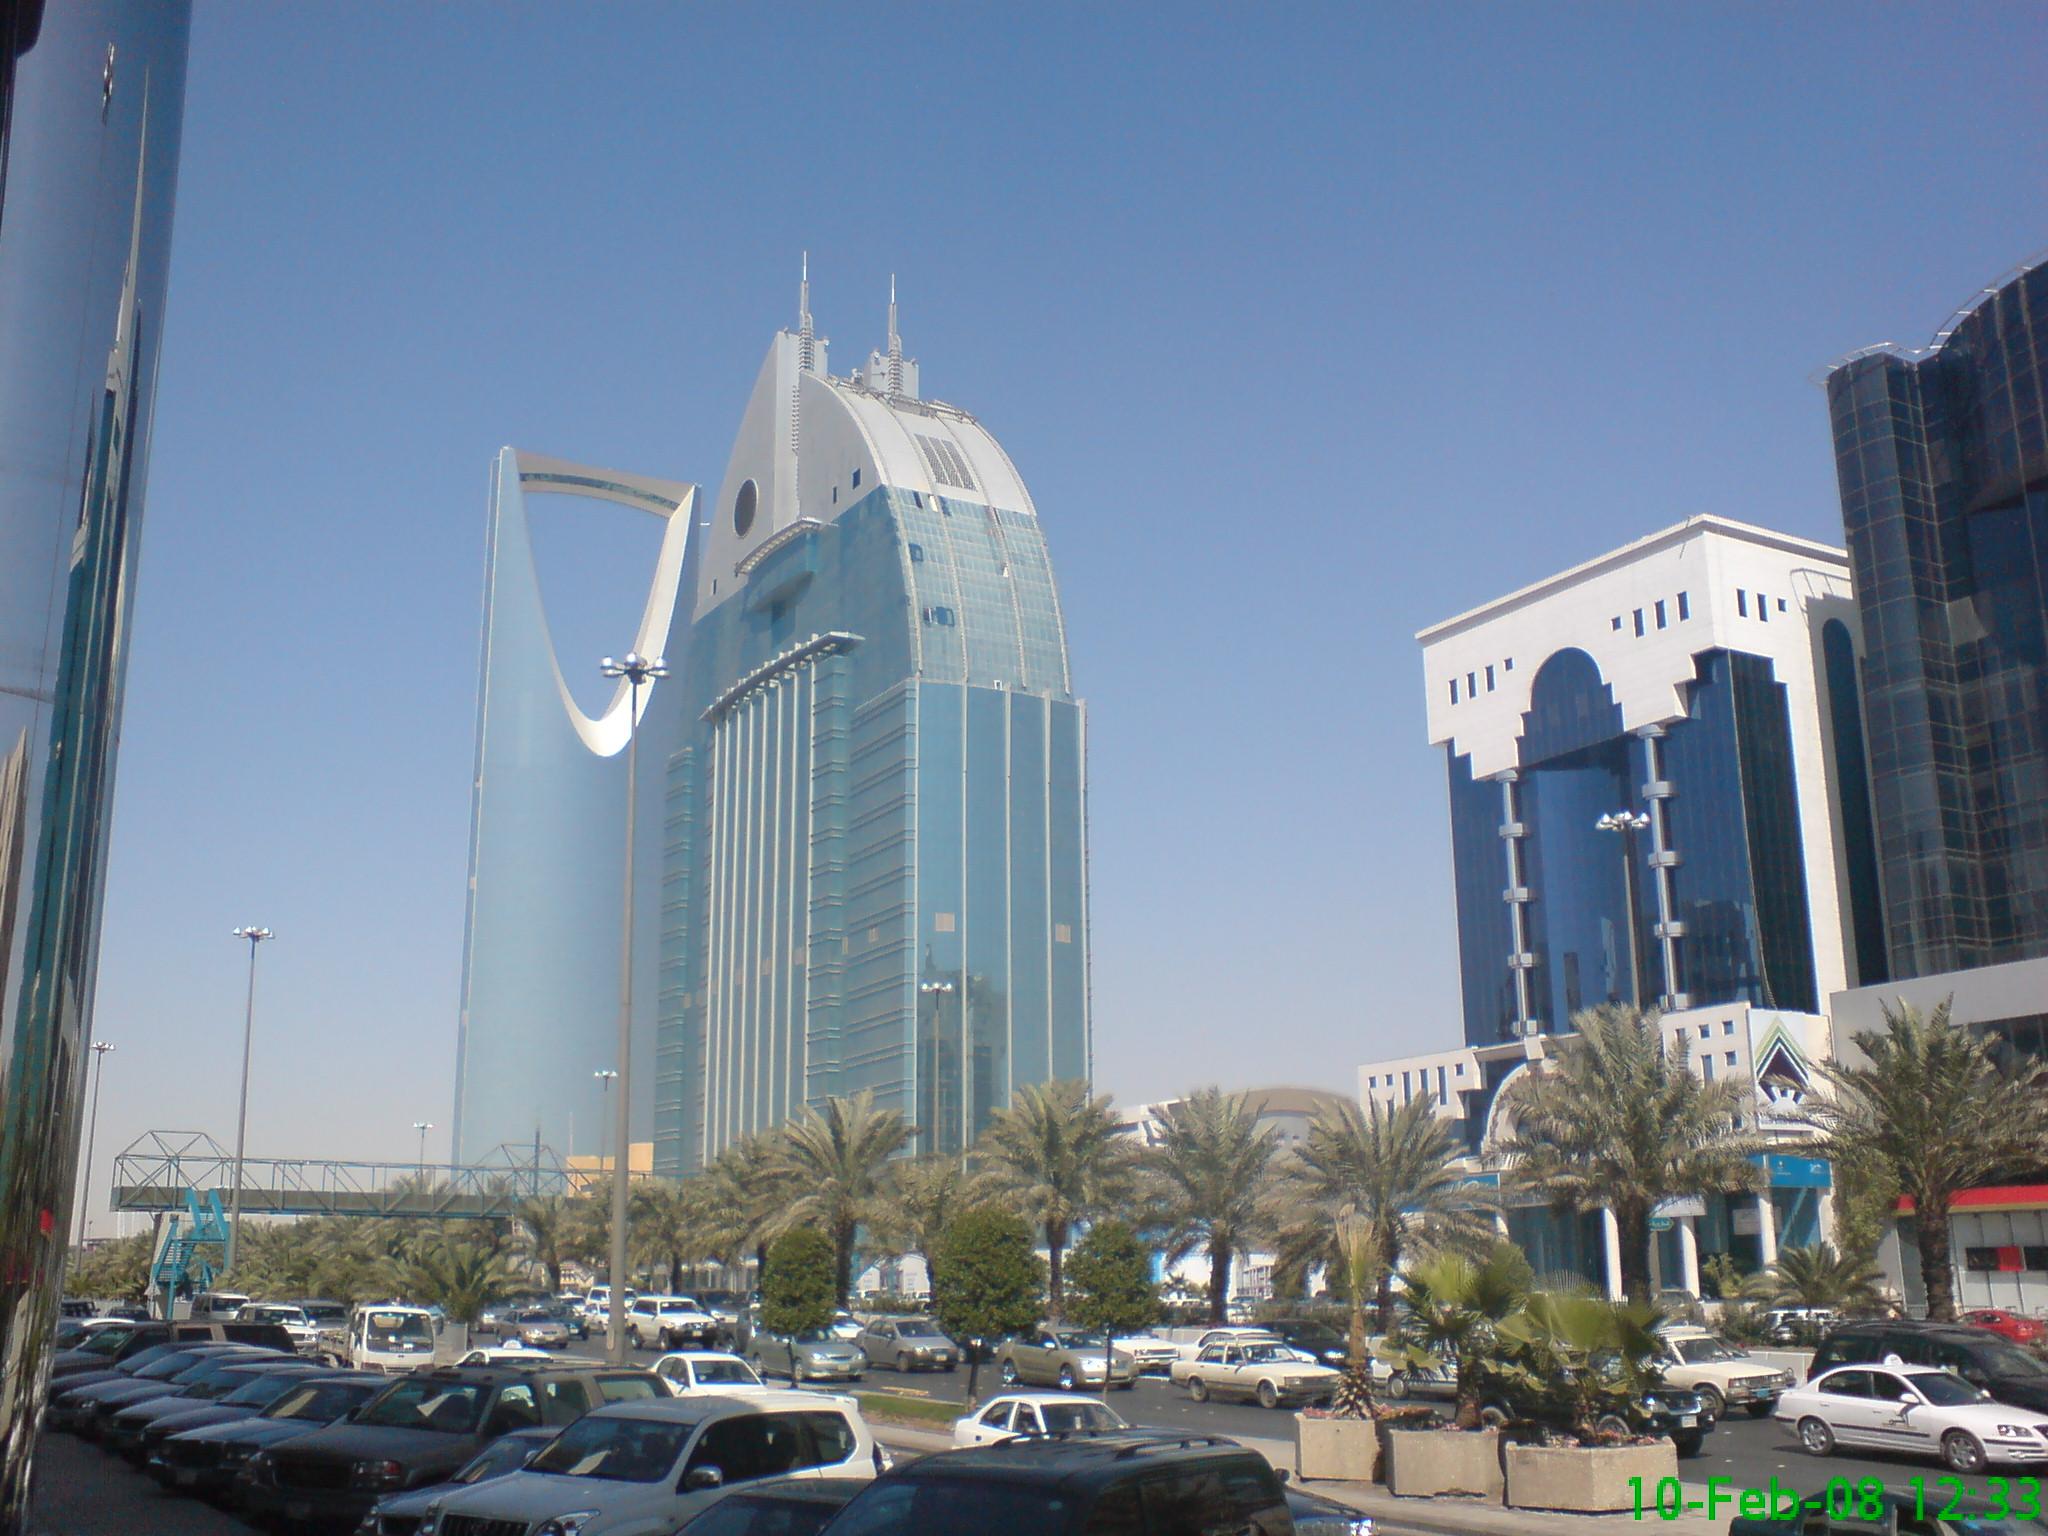 эр-рияд саудовская аравия фото